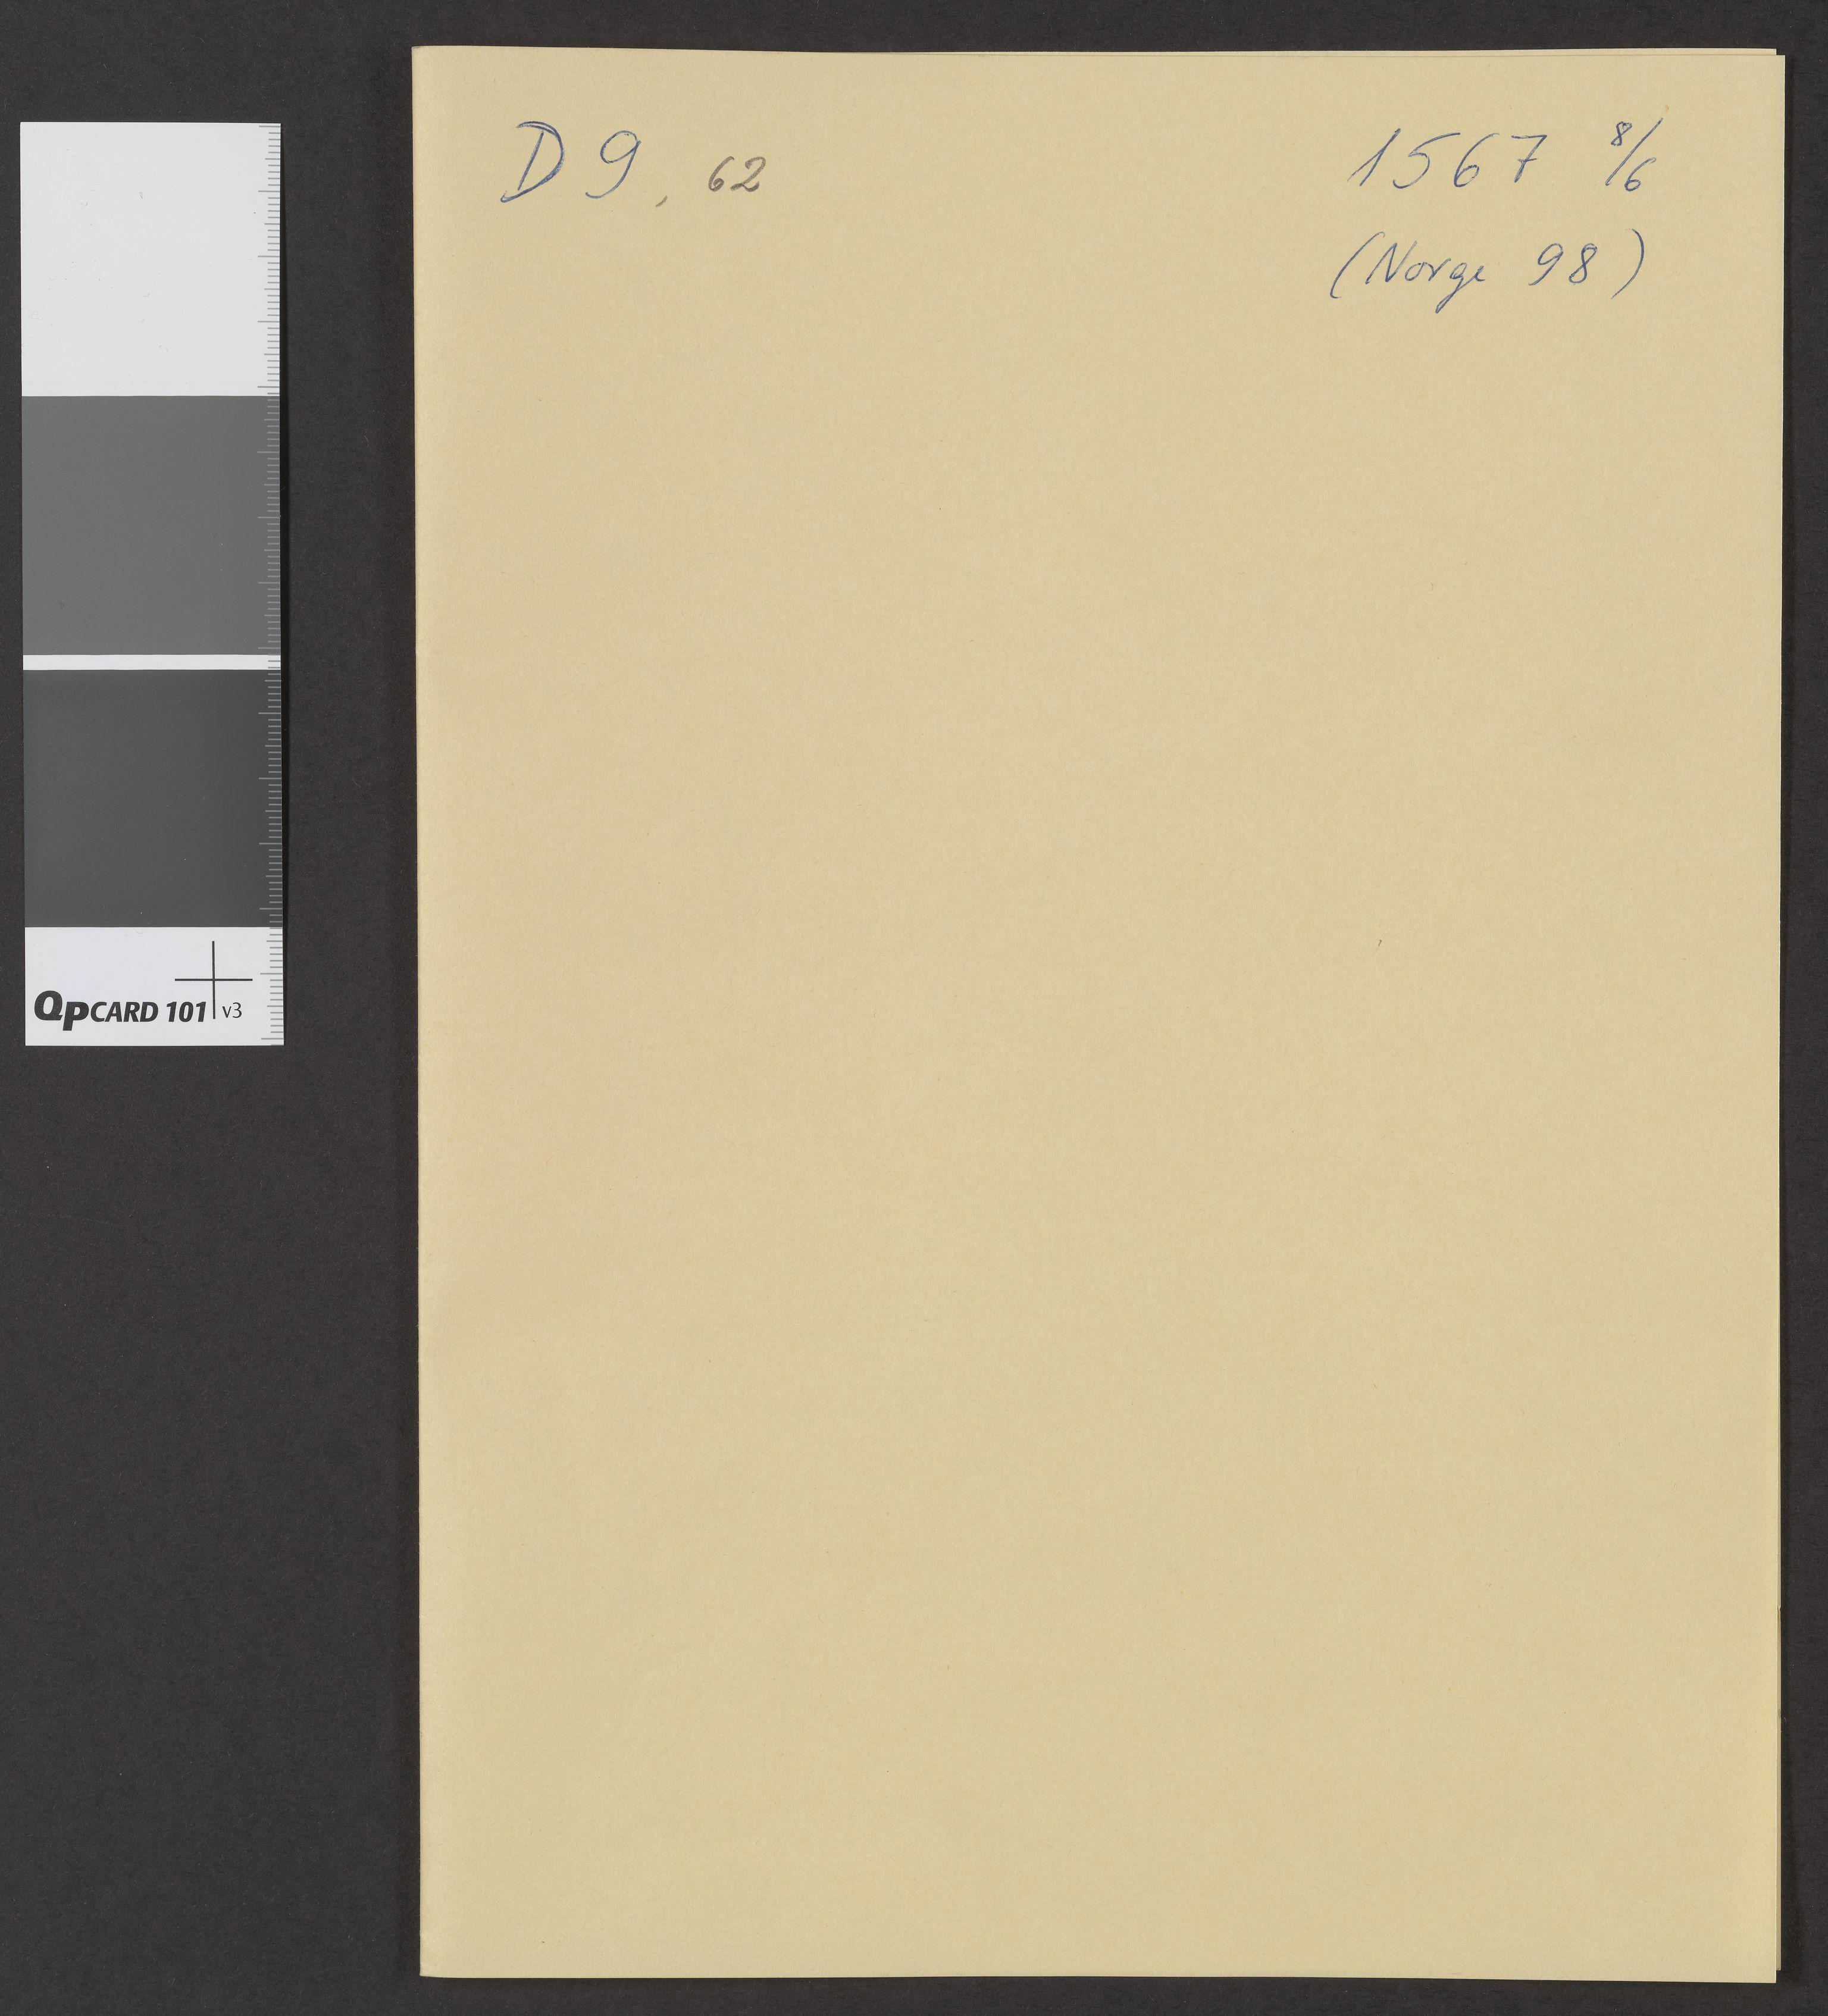 RA, Riksarkivets diplomsamling, F06/L0053: Dokument nr. 90, 98, 100-101, 104a